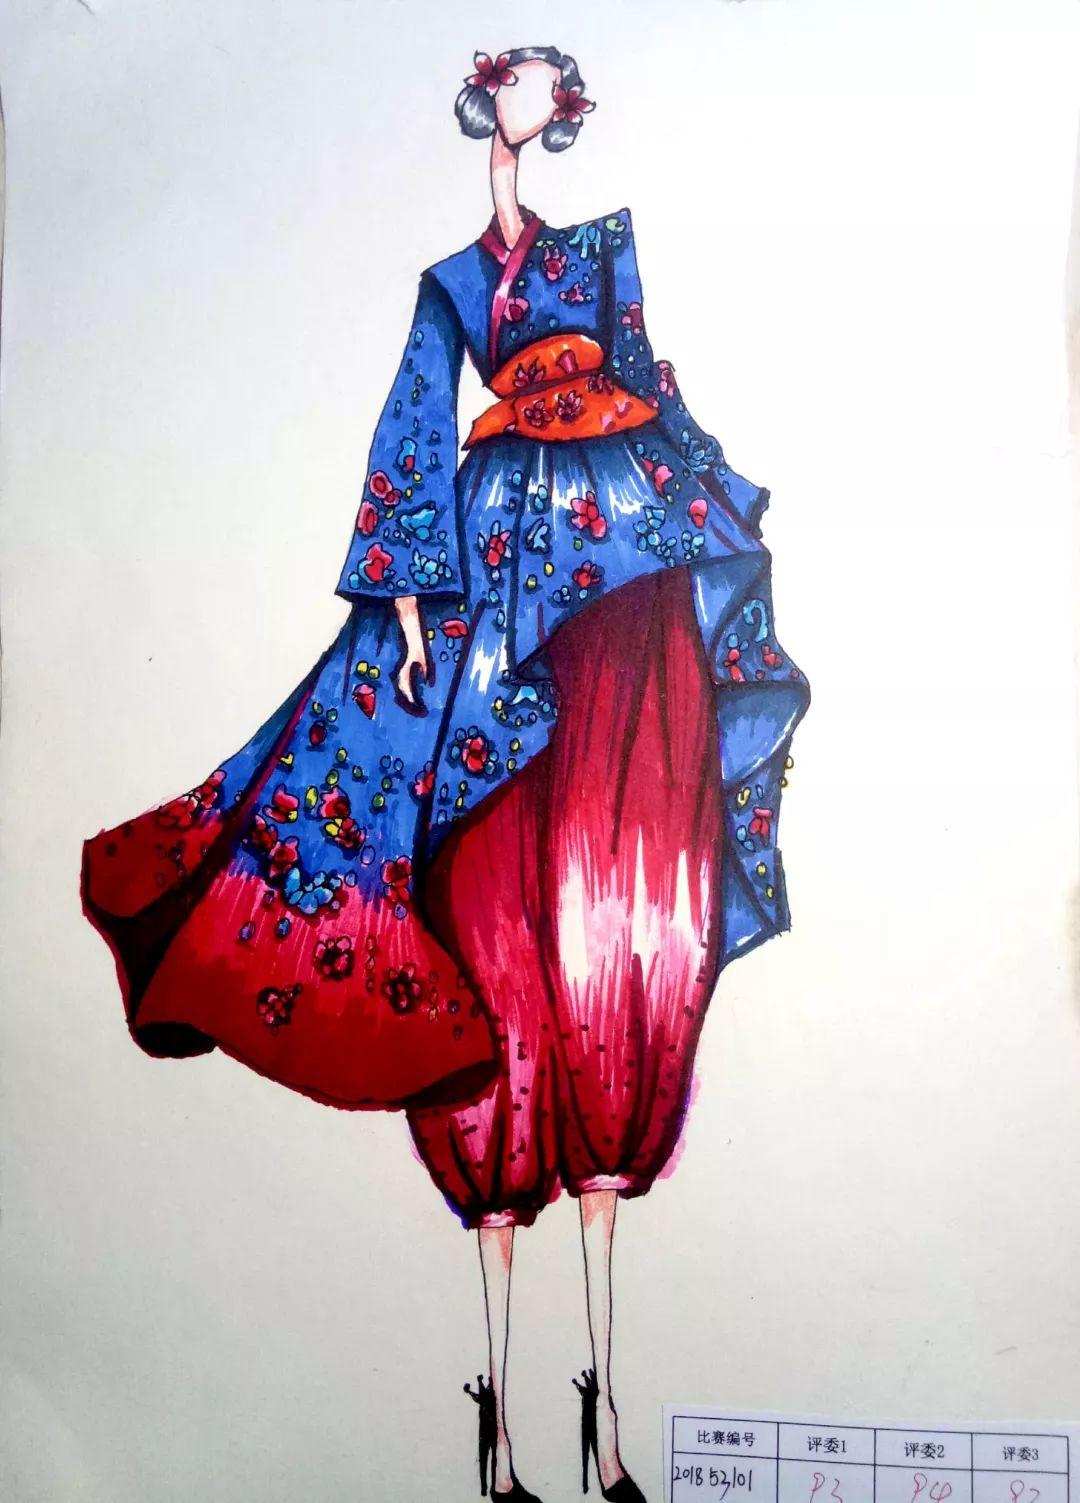 我在华成挺好的   绘画比赛作品风采展示